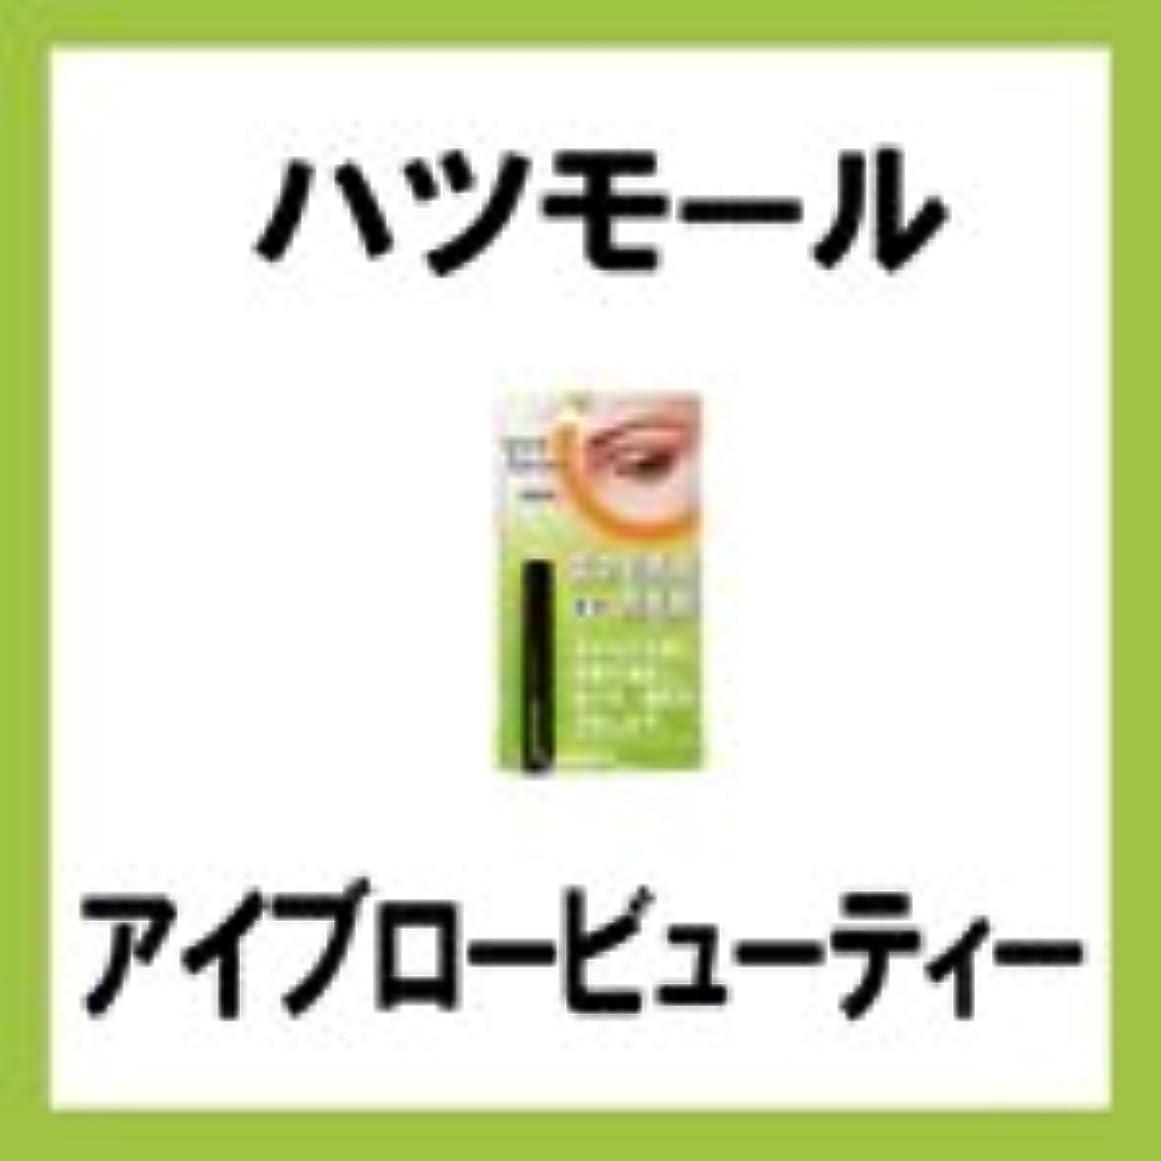 ふつう上げるシャイニングハツモール アイブロービューティー 6ml 【田村治照堂】